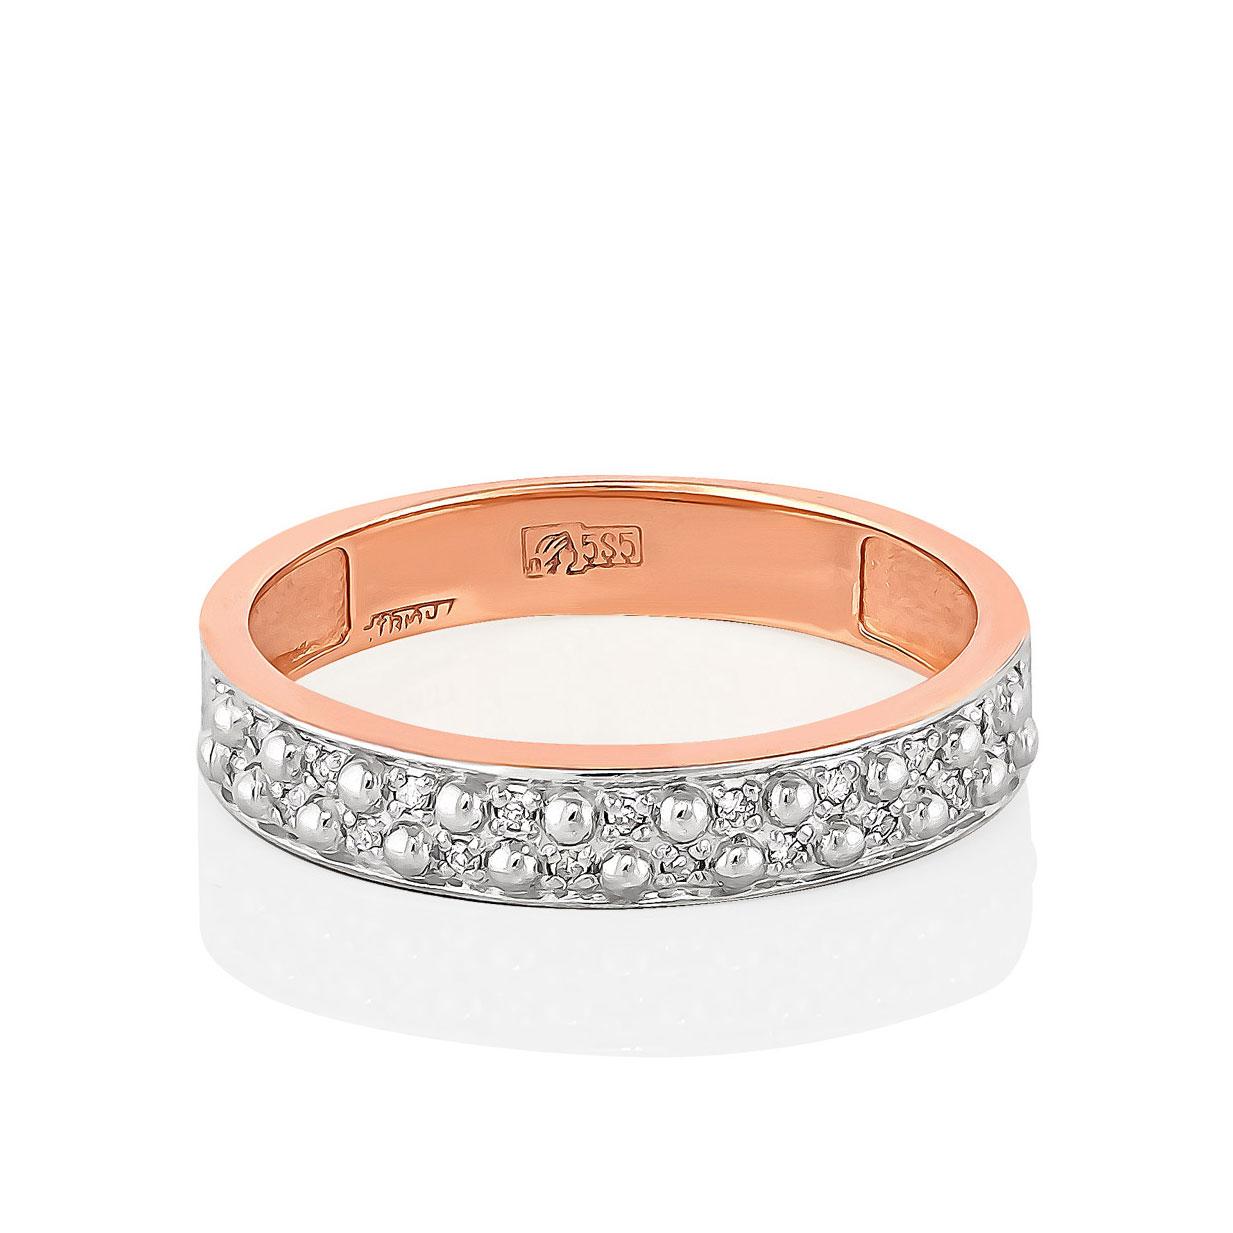 Обручальное кольцо из золота с бриллиантом арт. 1-0427-1000 1-0427-1000